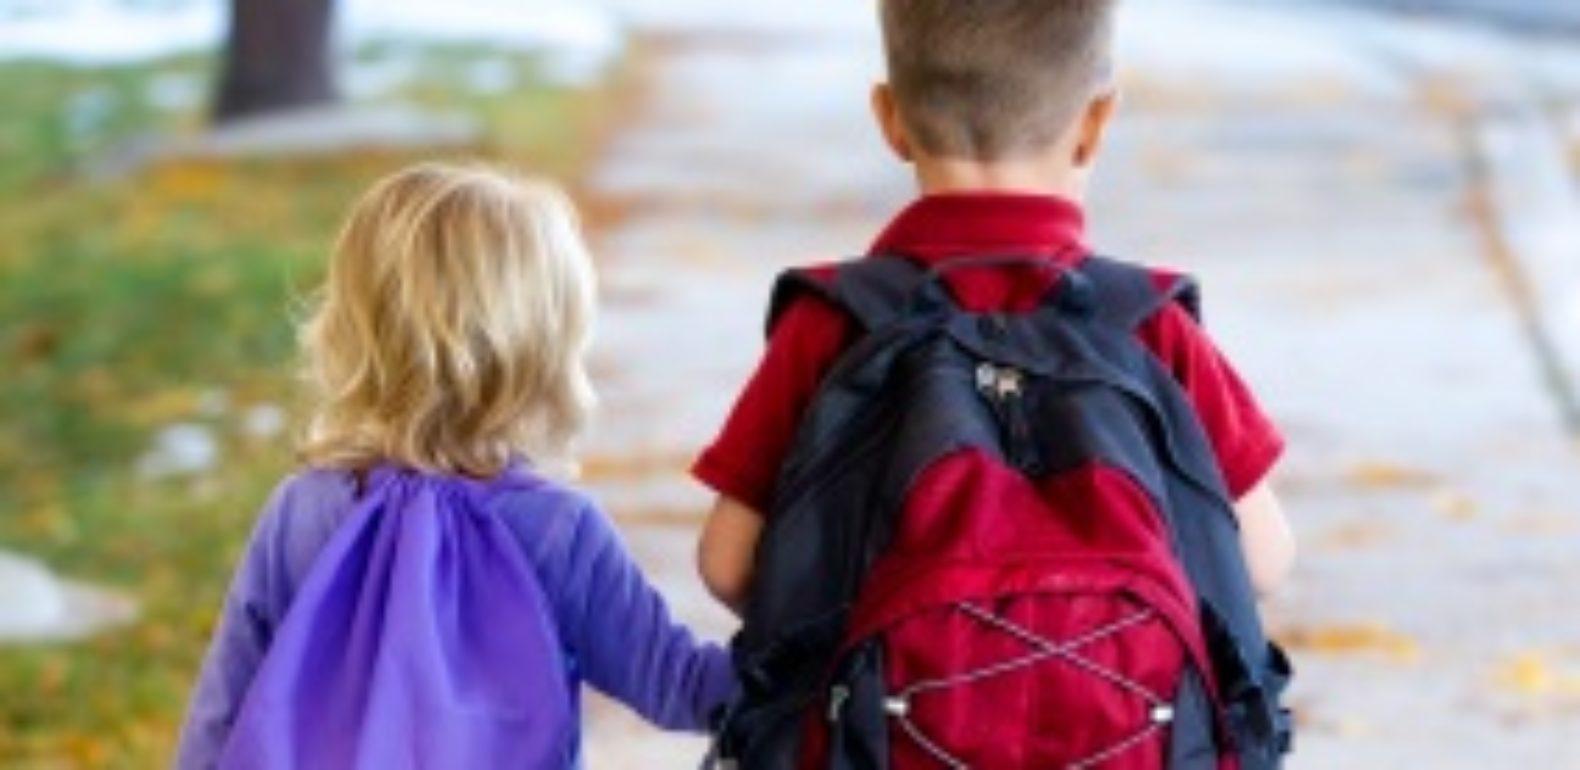 Comment-soigner-les-petites-plaies-des-enfants